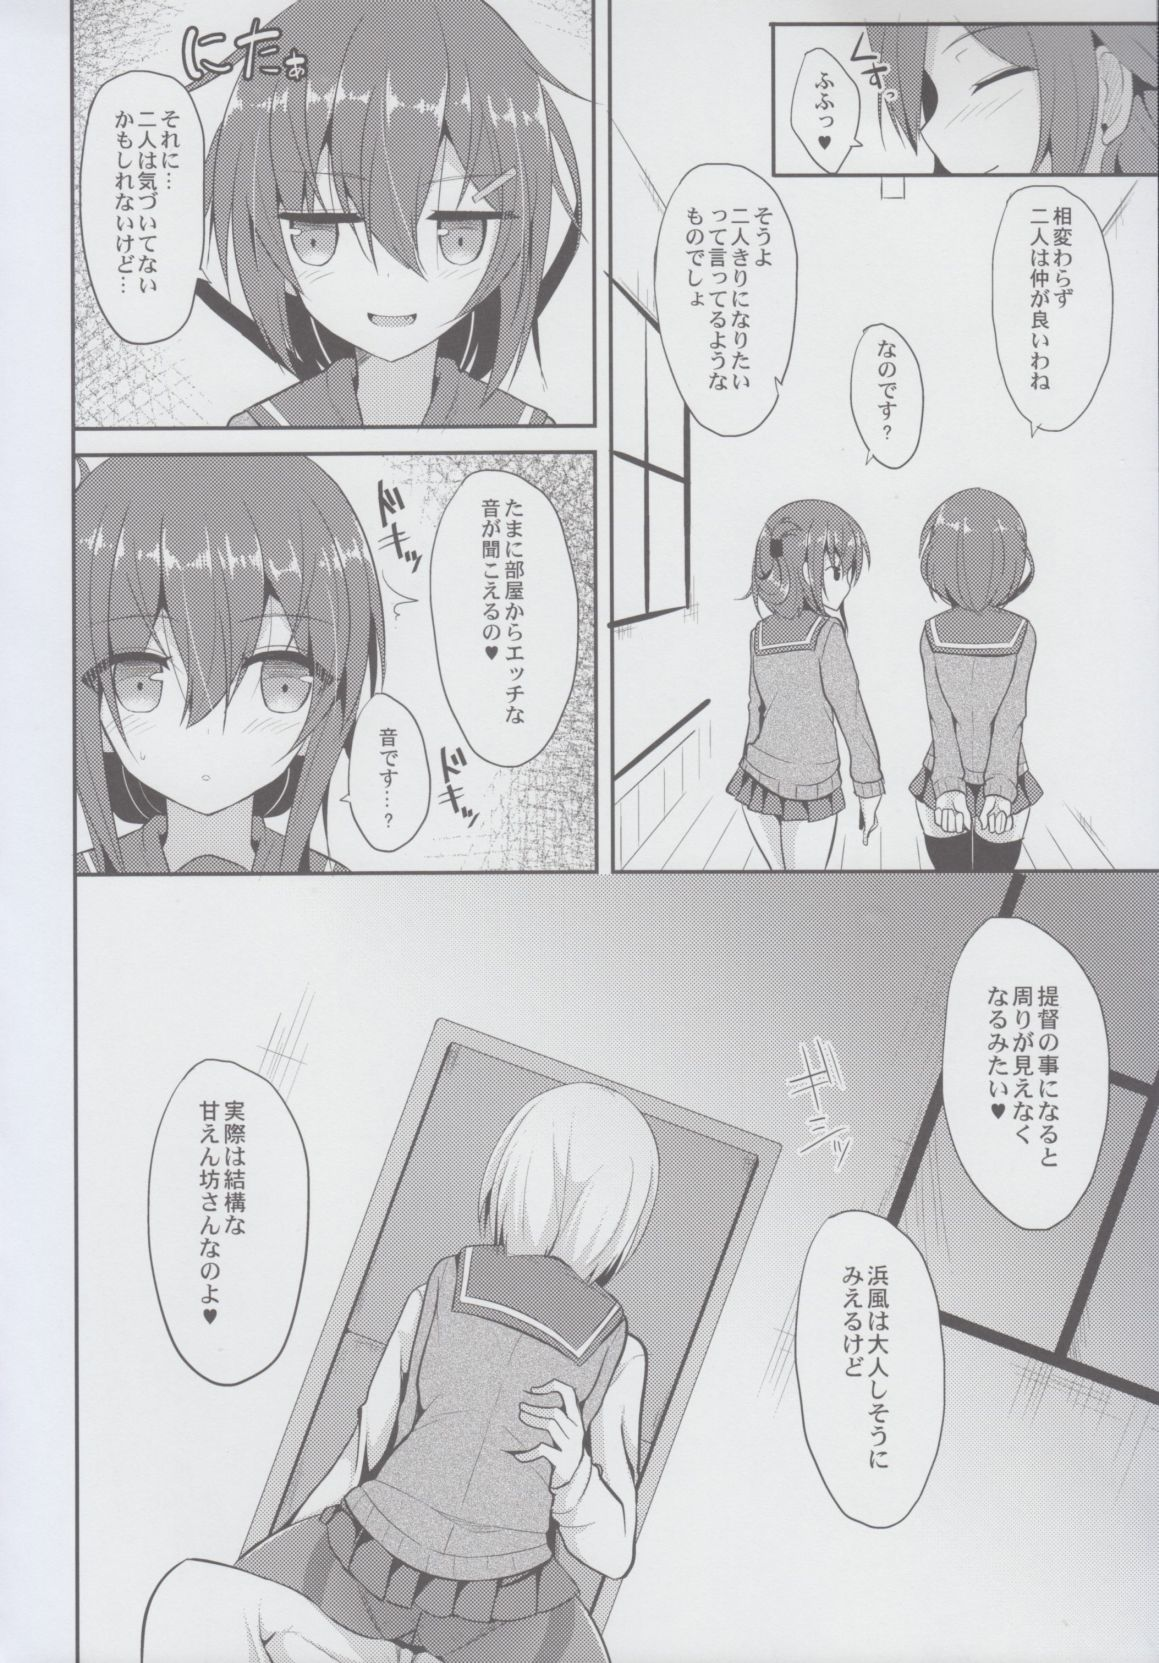 浜風とHな私生活 (艦隊これくしょん -艦これ-) (6)